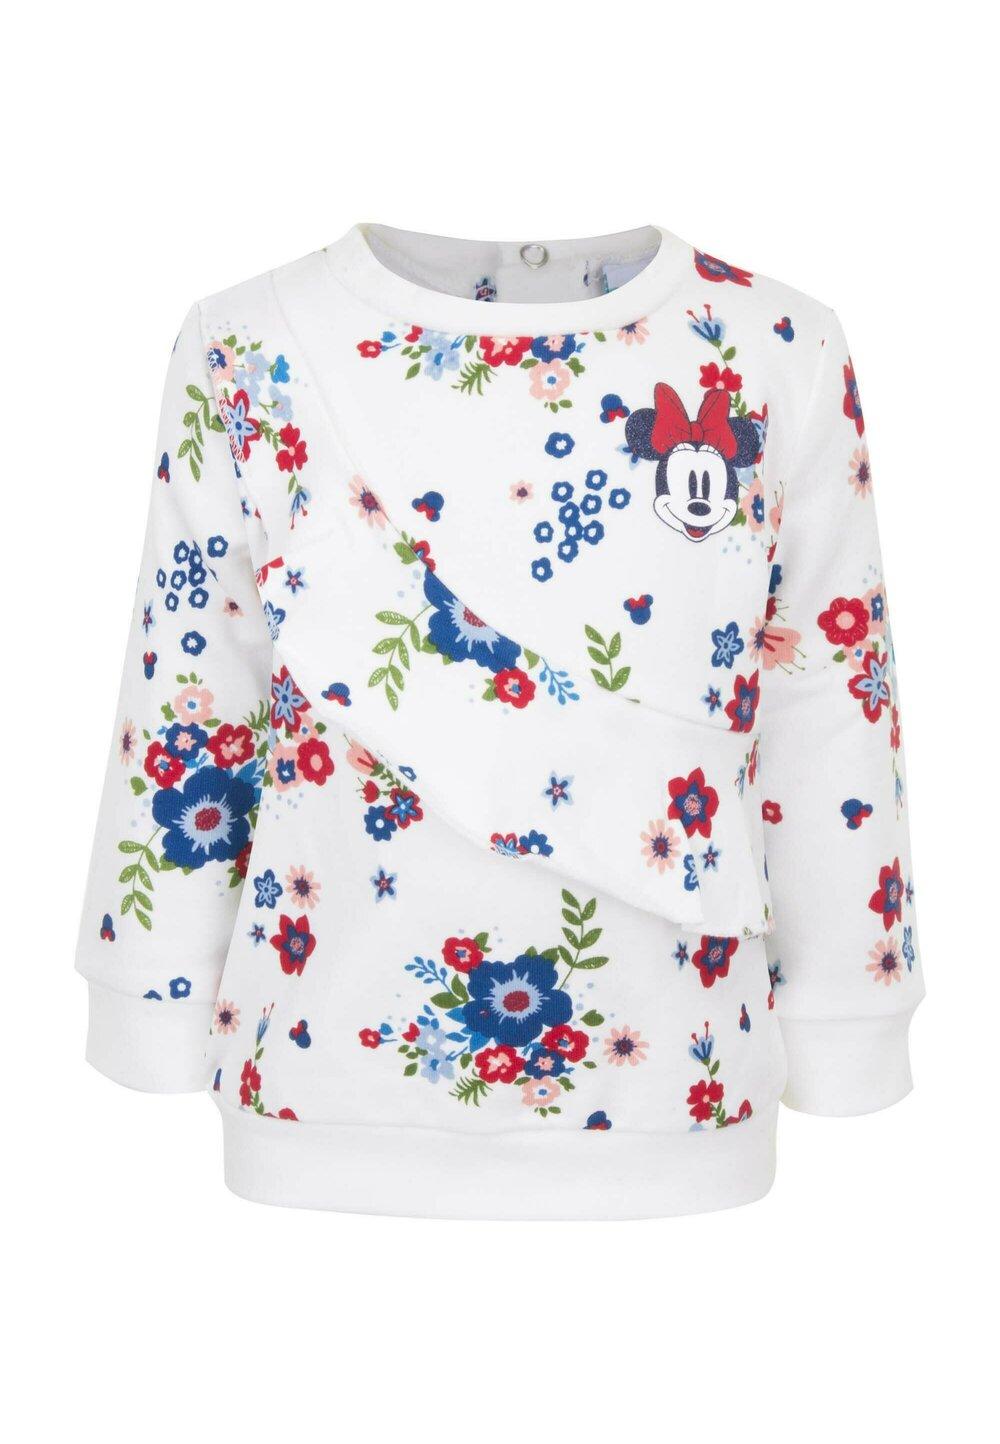 Bluza bebe groasa, Minnie, alba cu floricele imagine